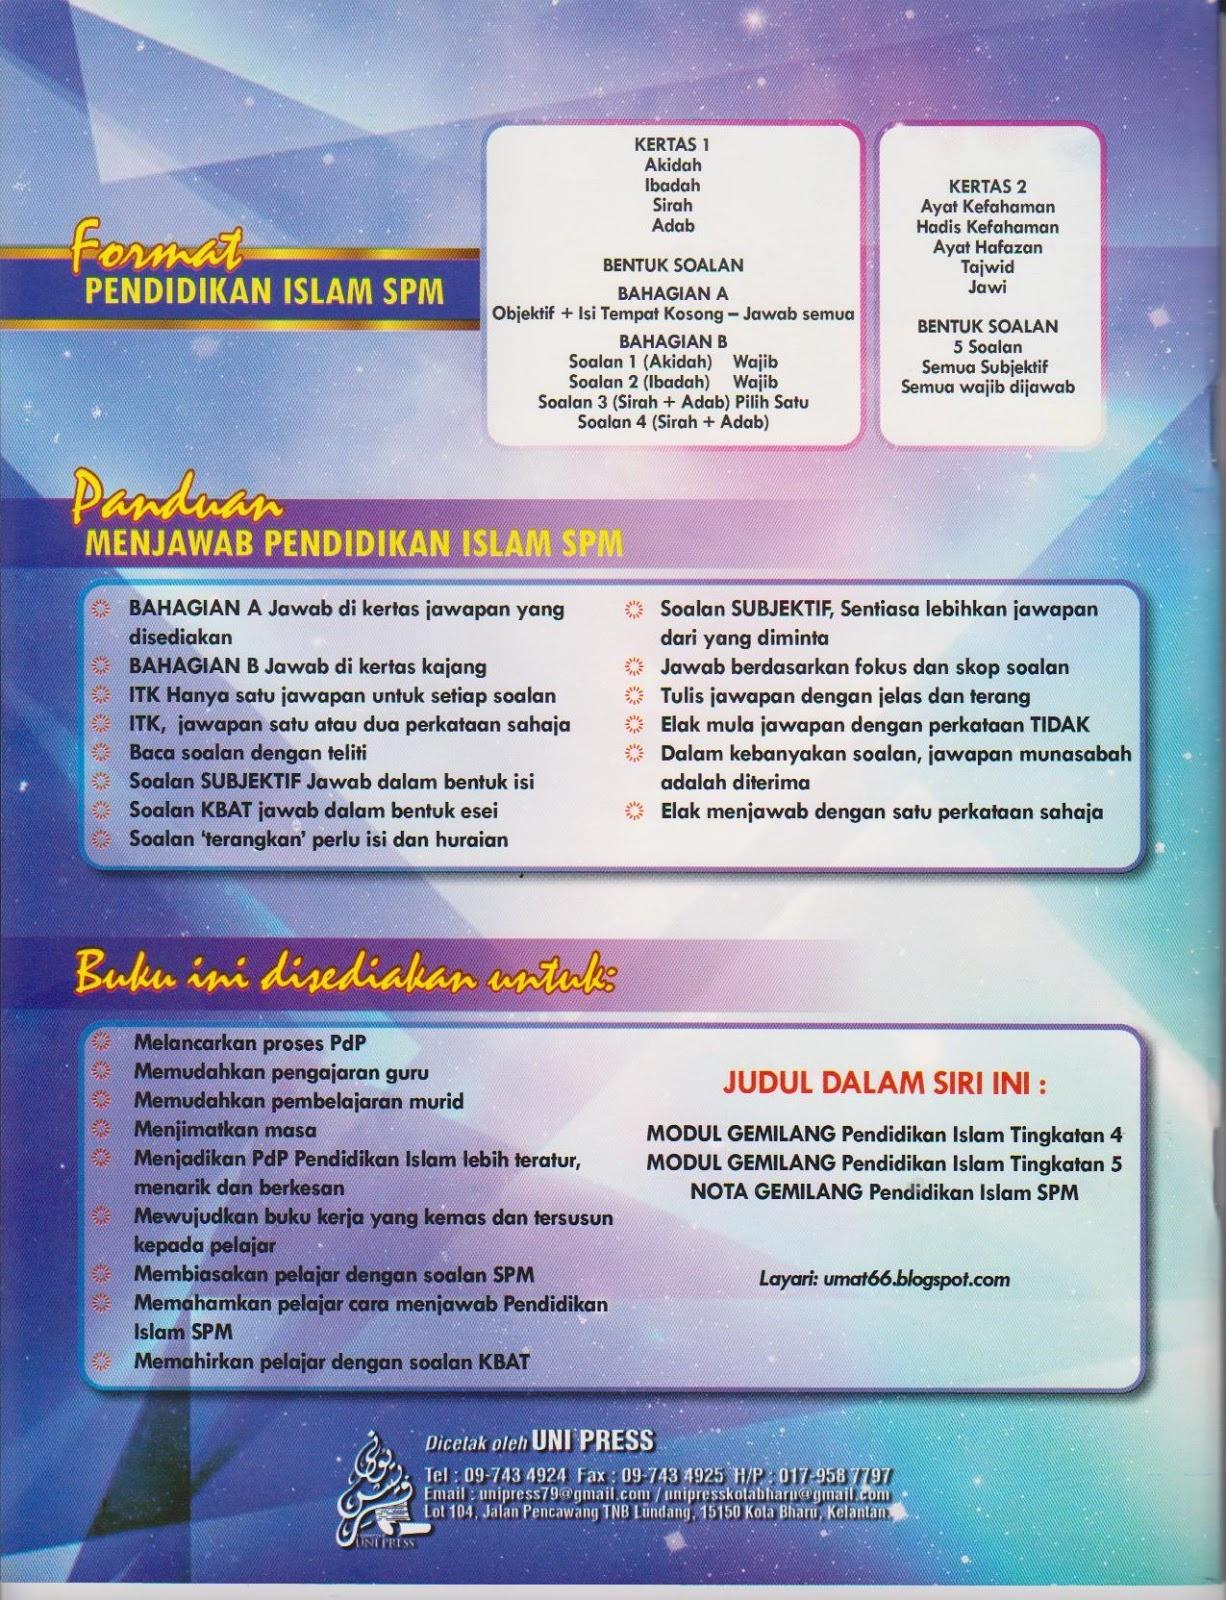 Download Rpt Pendidikan islam Tingkatan 4 Penting Kalam Diri Modul Gemilang Pendidikan islam Tingkatan 4 Of Himpunan Rpt Pendidikan islam Tingkatan 4 Yang Bermanfaat Khas Untuk Para Guru Download!